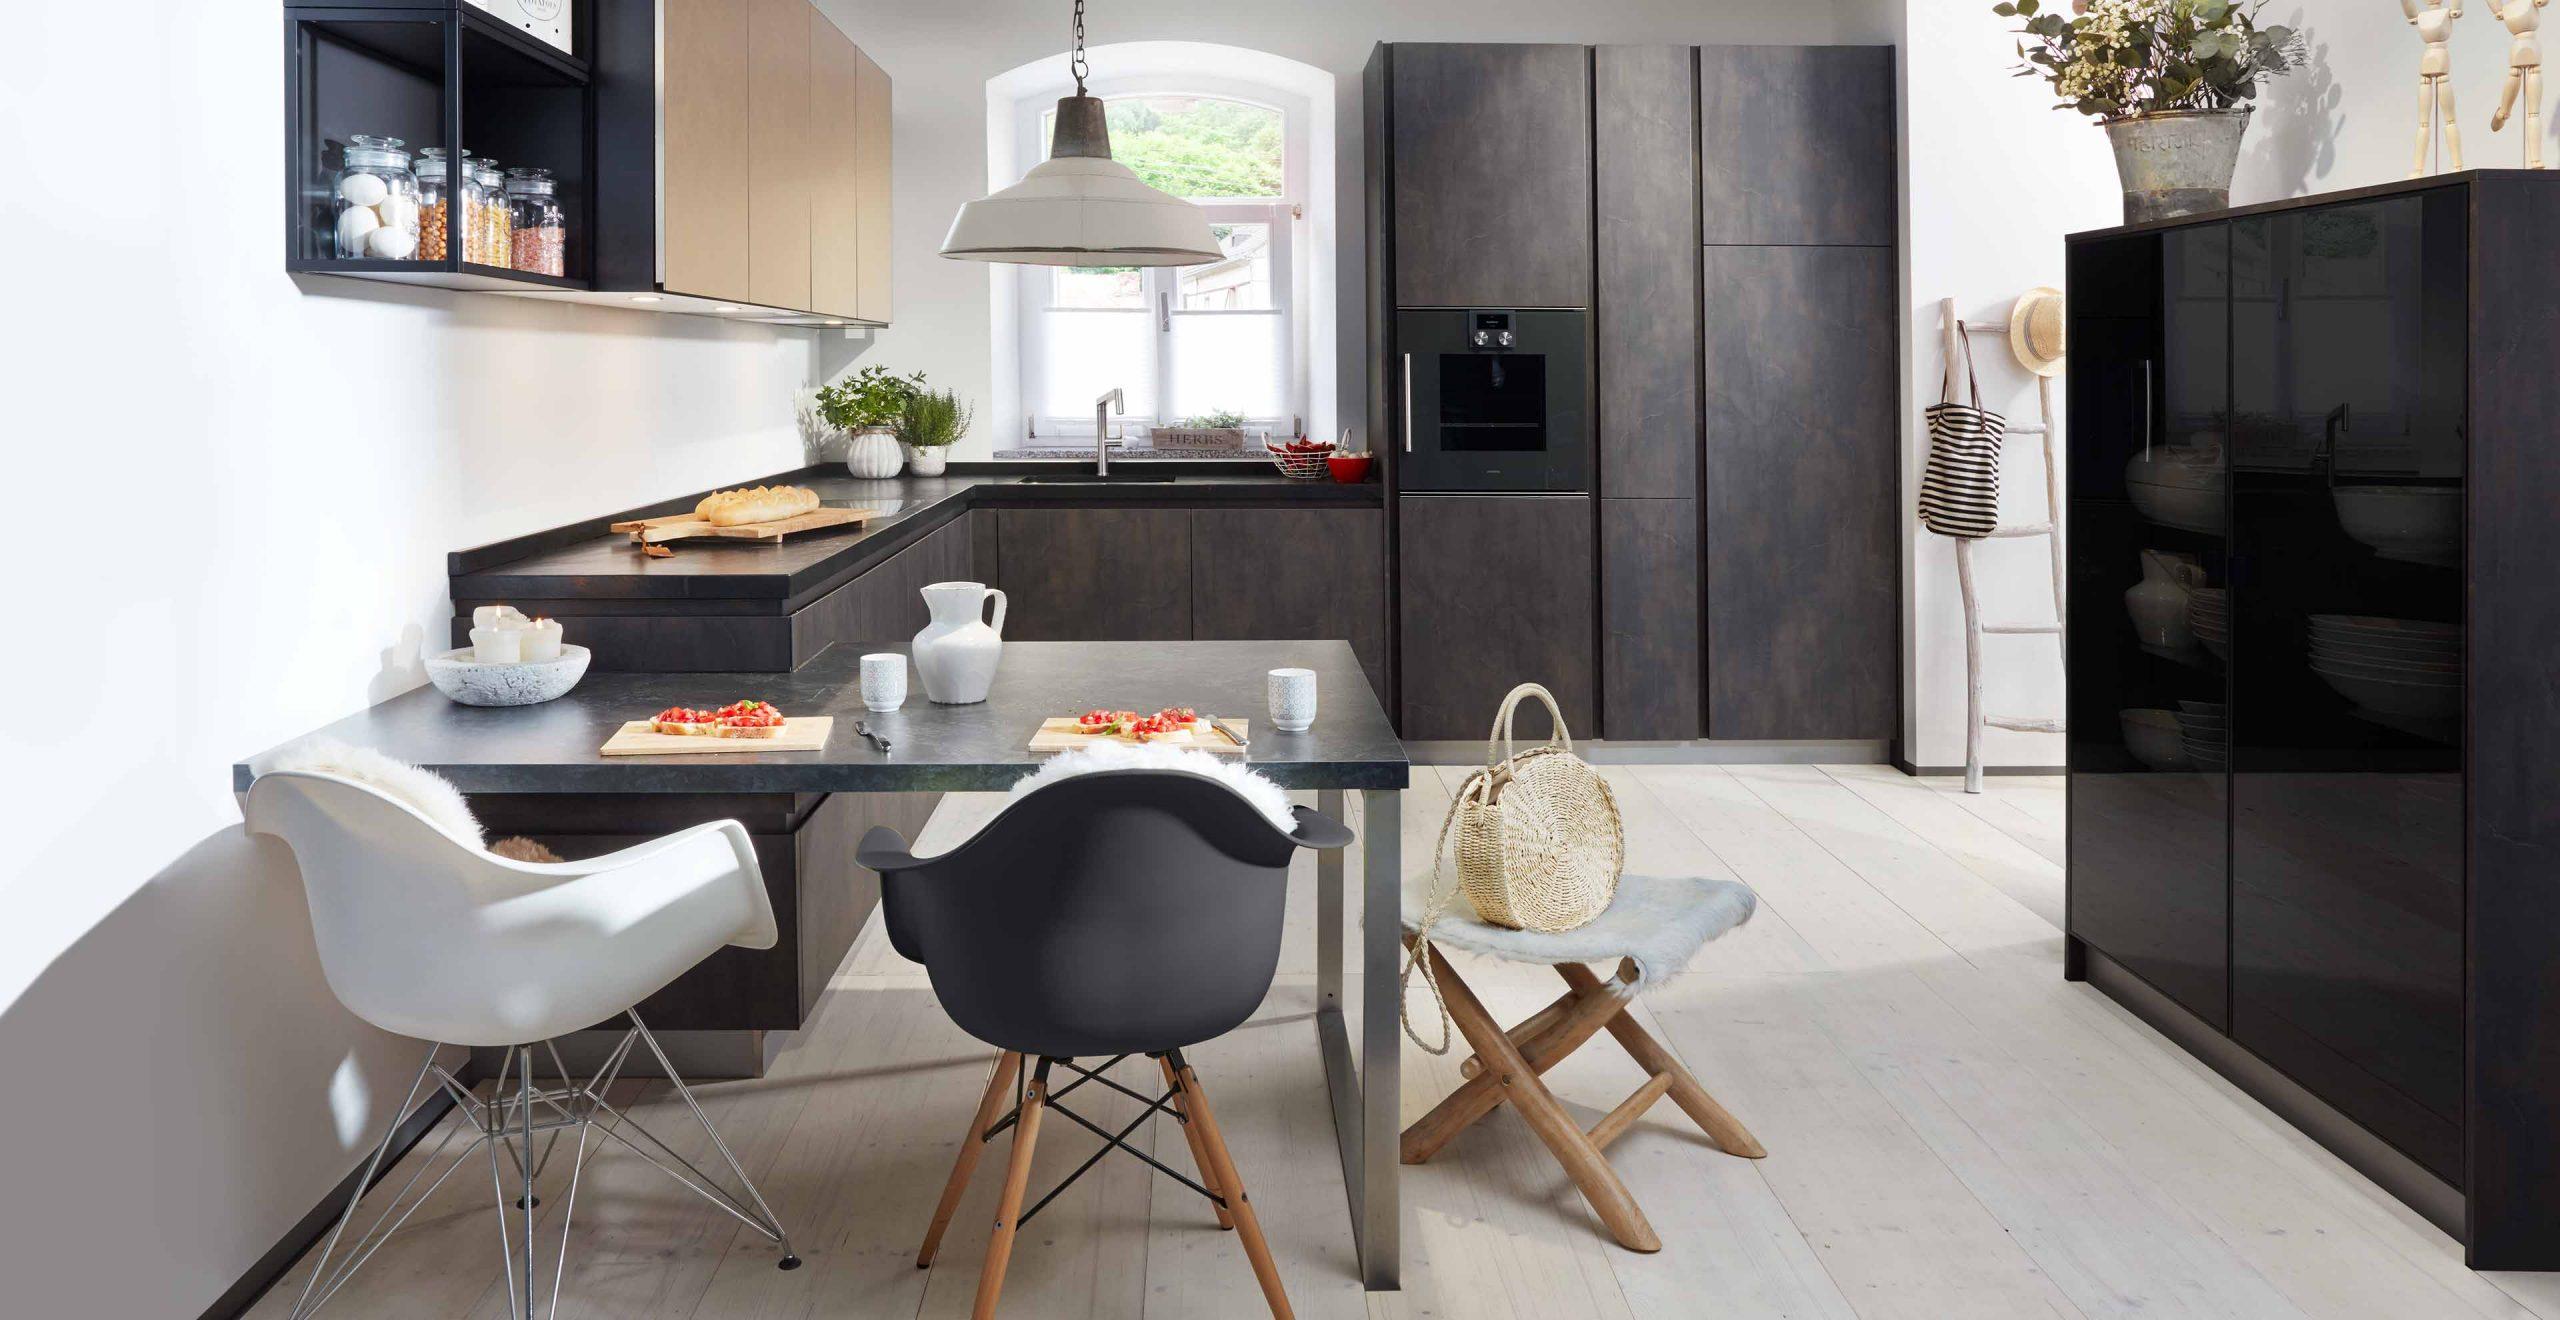 Full Size of Küchen Kchen Kchenstil Individuell Planen Marquardt Regal Wohnzimmer Küchen